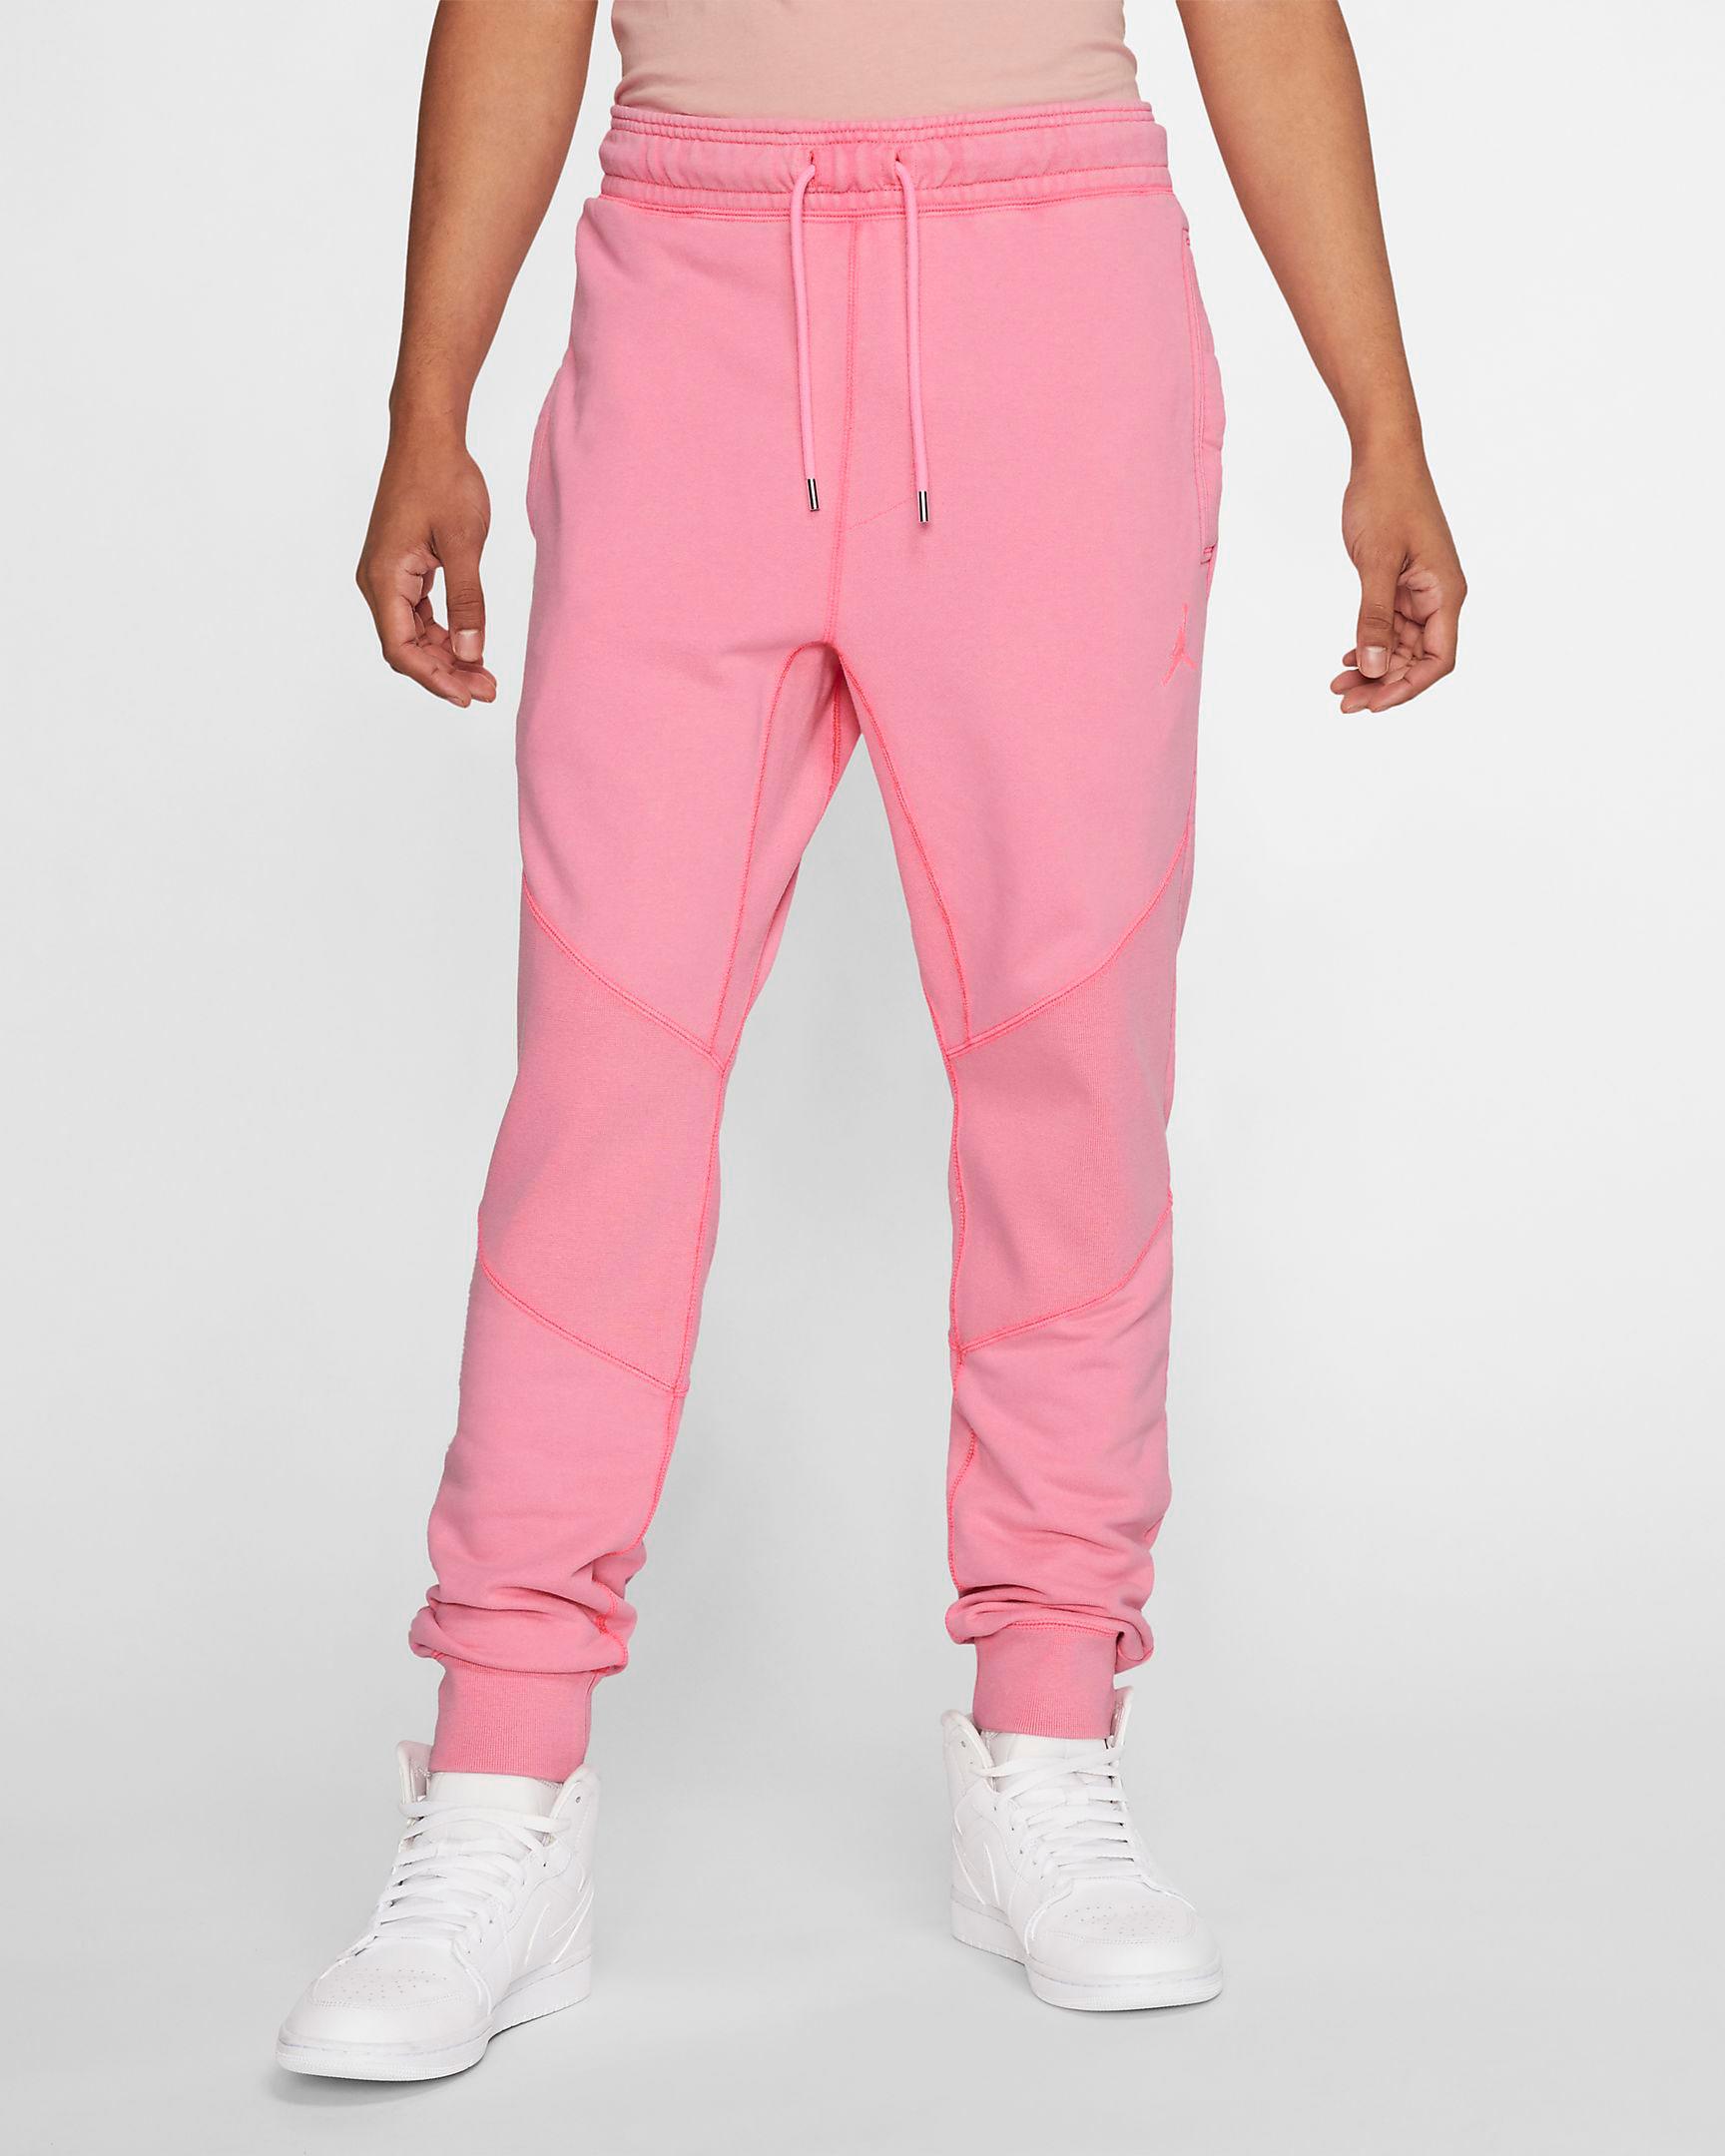 jordan-1-bio-hack-jogger-pant-match-pink